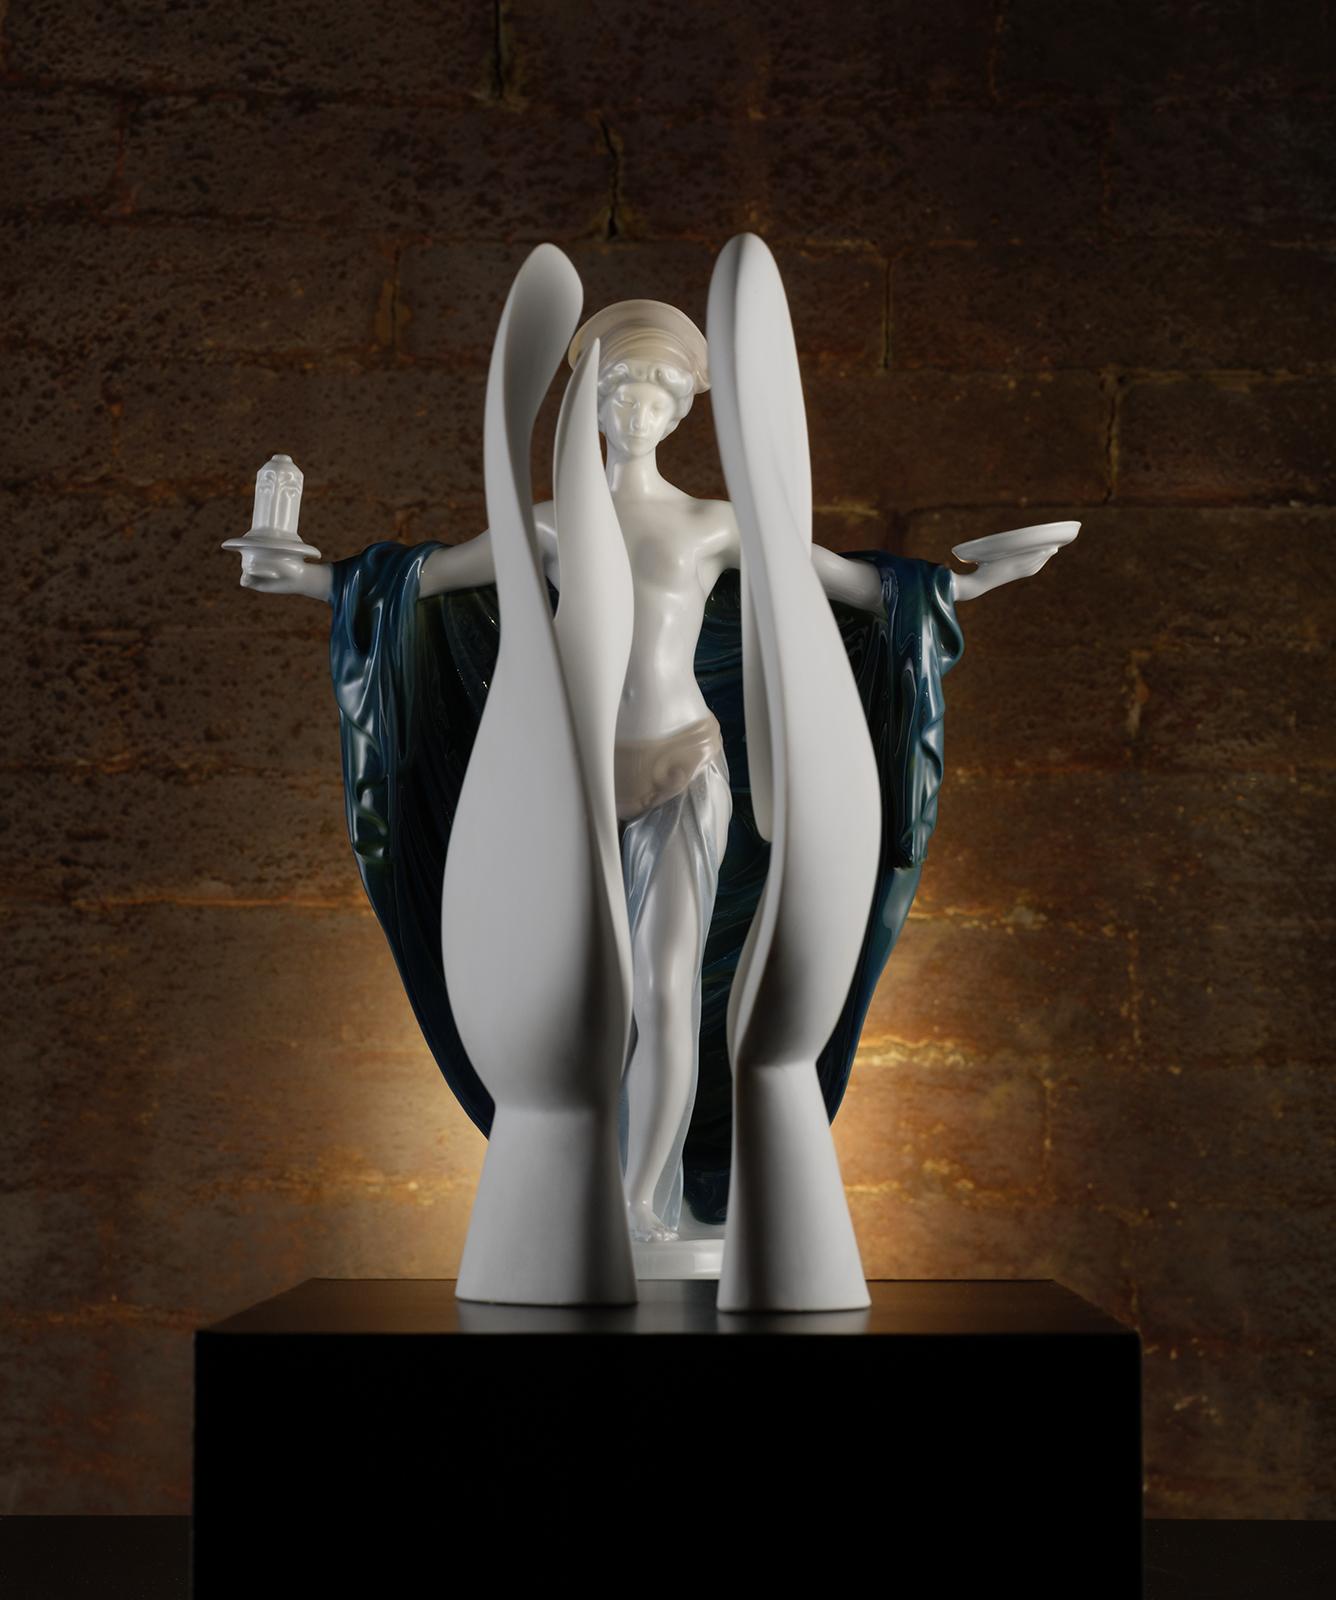 Produktfotografie Porzellanfigur Produktfotografie Tempelweihe und Skulptur Moon Head im Zuge der Jubiläumsausstellung Rosenthal im Porzellanikon Hohenberg an der Eger Selb. Feigefotodesign